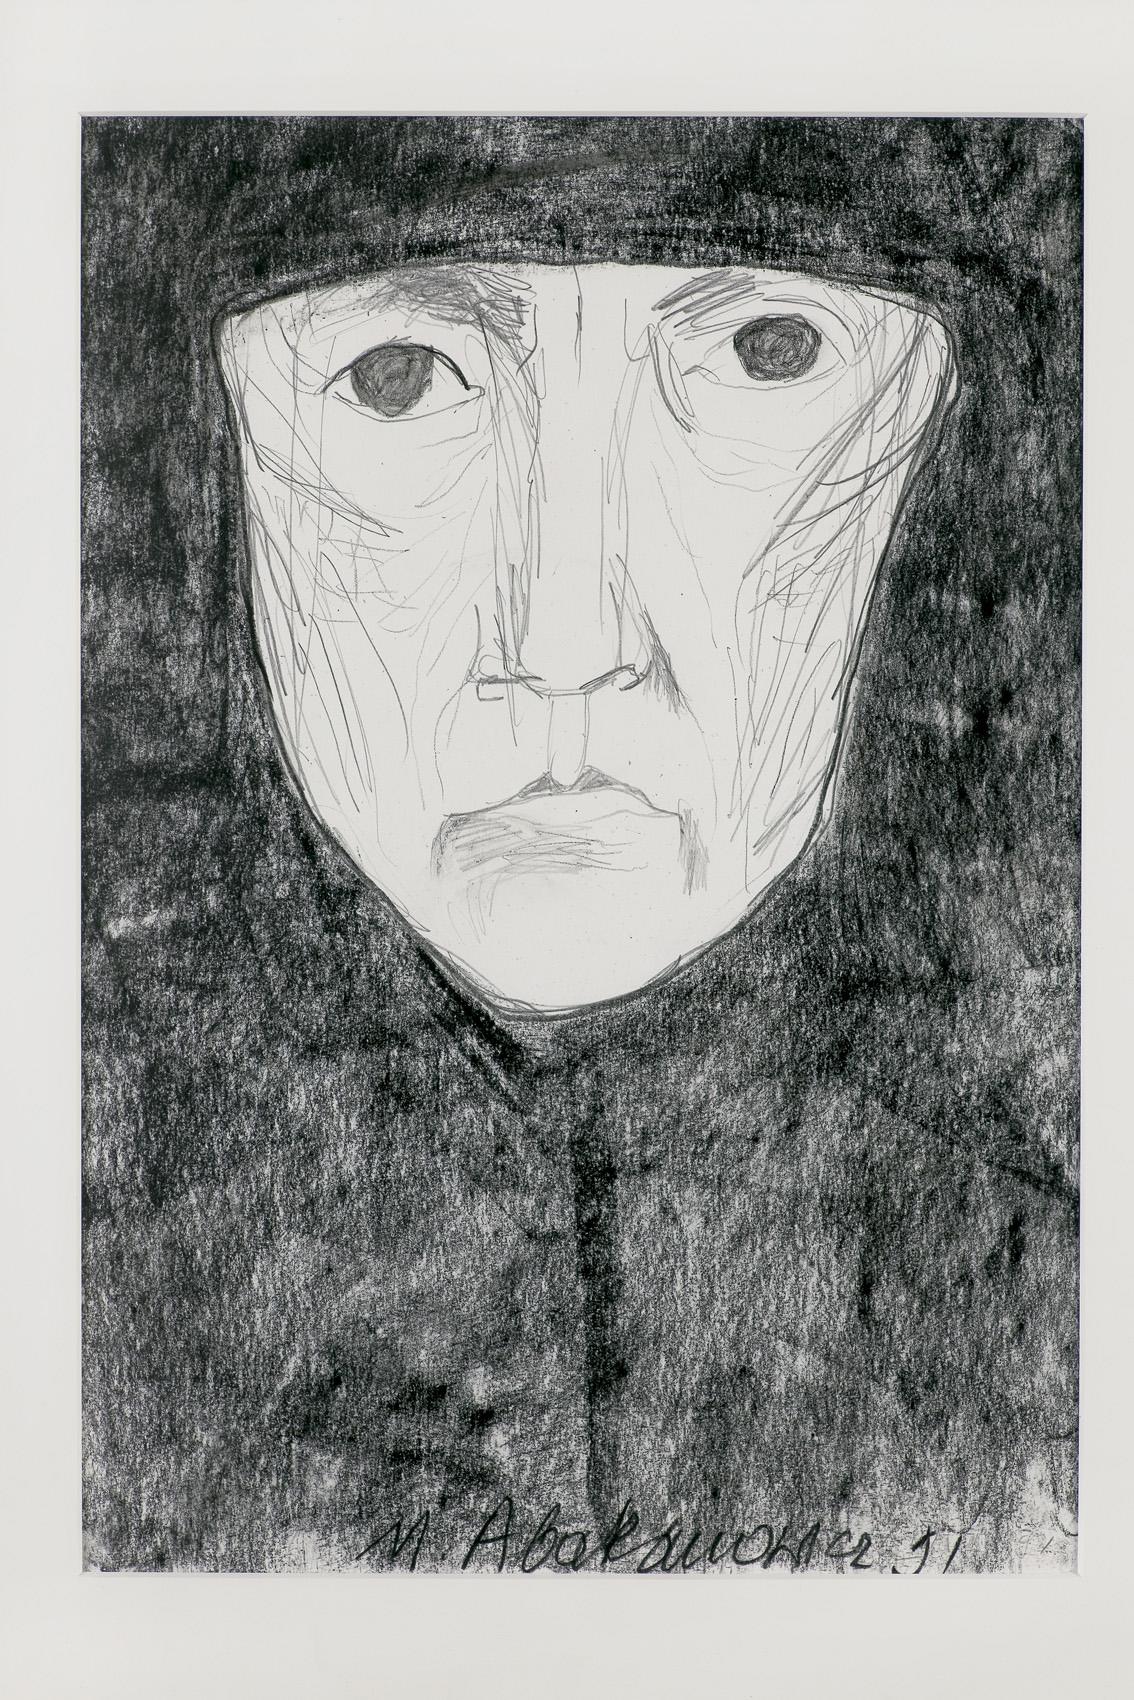 MYŚLENIE (THINKING), z cyklu Siostry, PRZODKOWIE, RODZINA (SISTERS-ANCESTORS-FAMILY), 1991